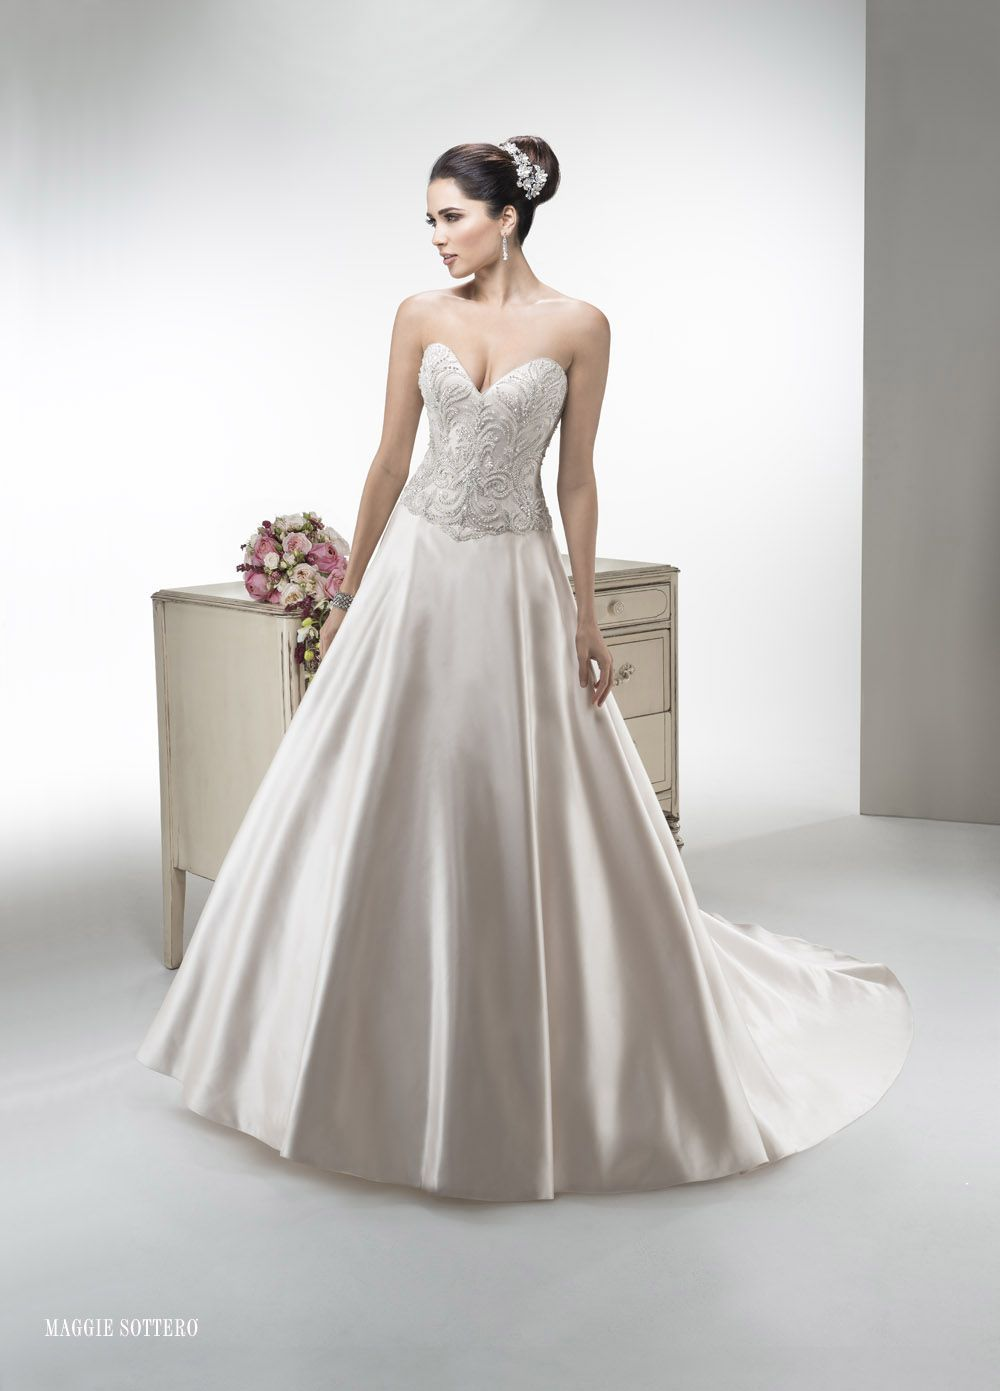 TRENDY MAGGIE-32 abiti da sogno, per #matrimoni di grande classe: #eleganza e qualità #sartoriale  www.mariages.it